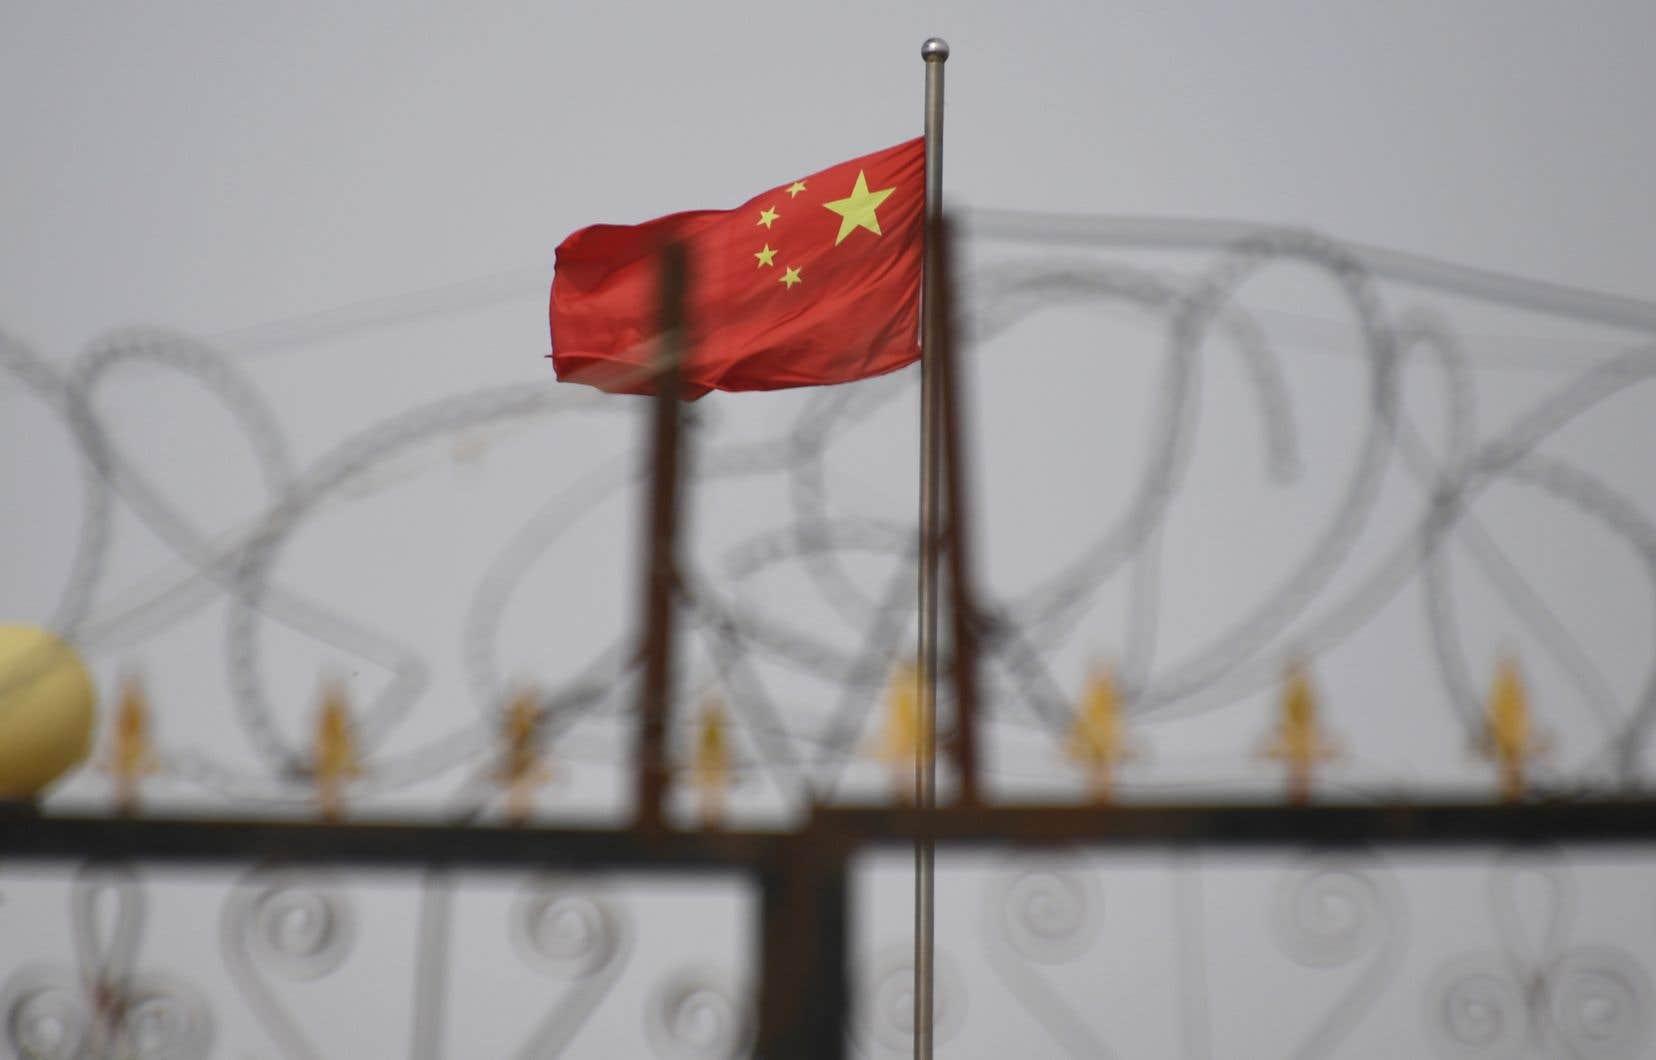 D'après des organisations de défense des droits de l'homme, plus d'un million de musulmans, principalement d'ethnie ouïghoure, sont détenus au Xinjiang dans des camps de rééducation politique.